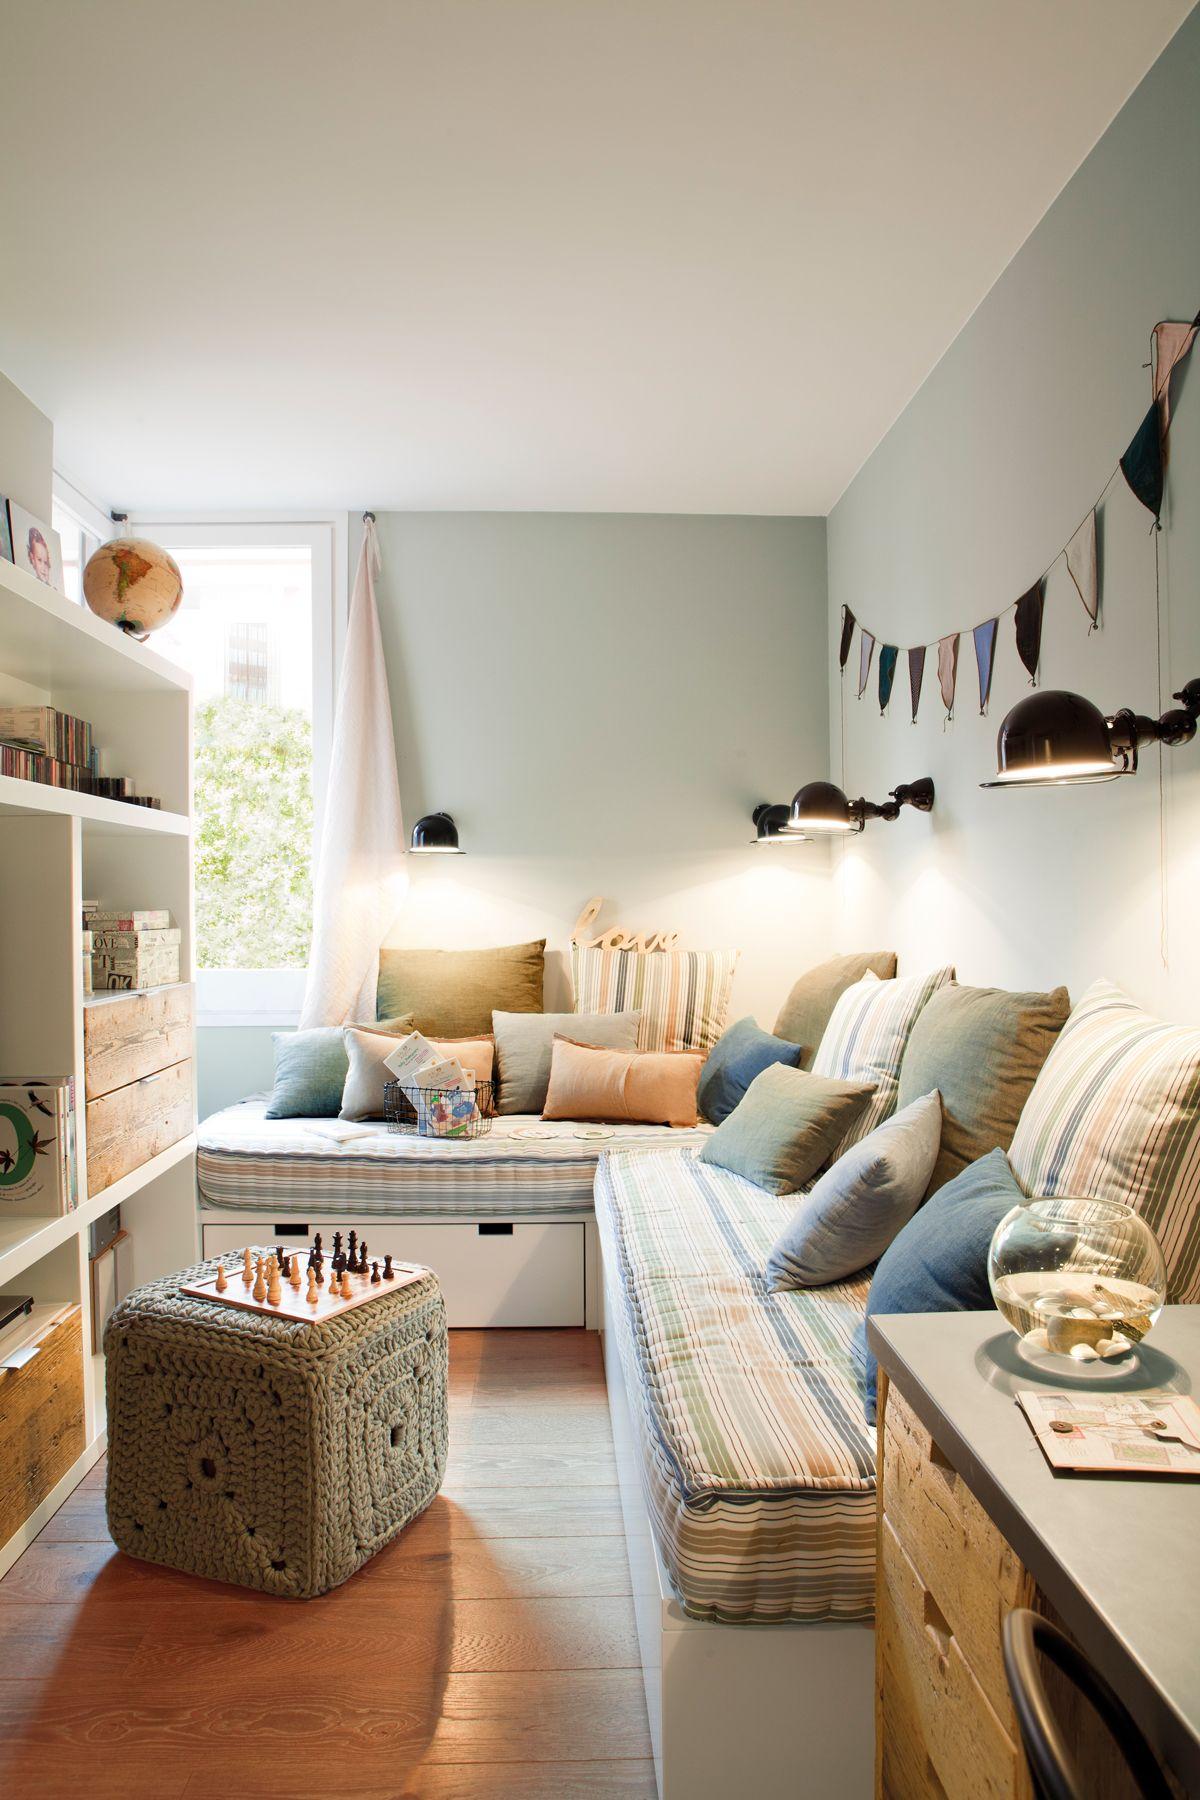 Habitaci n infantil con literas escritorio y silla - Habitacion infantil dos camas ...